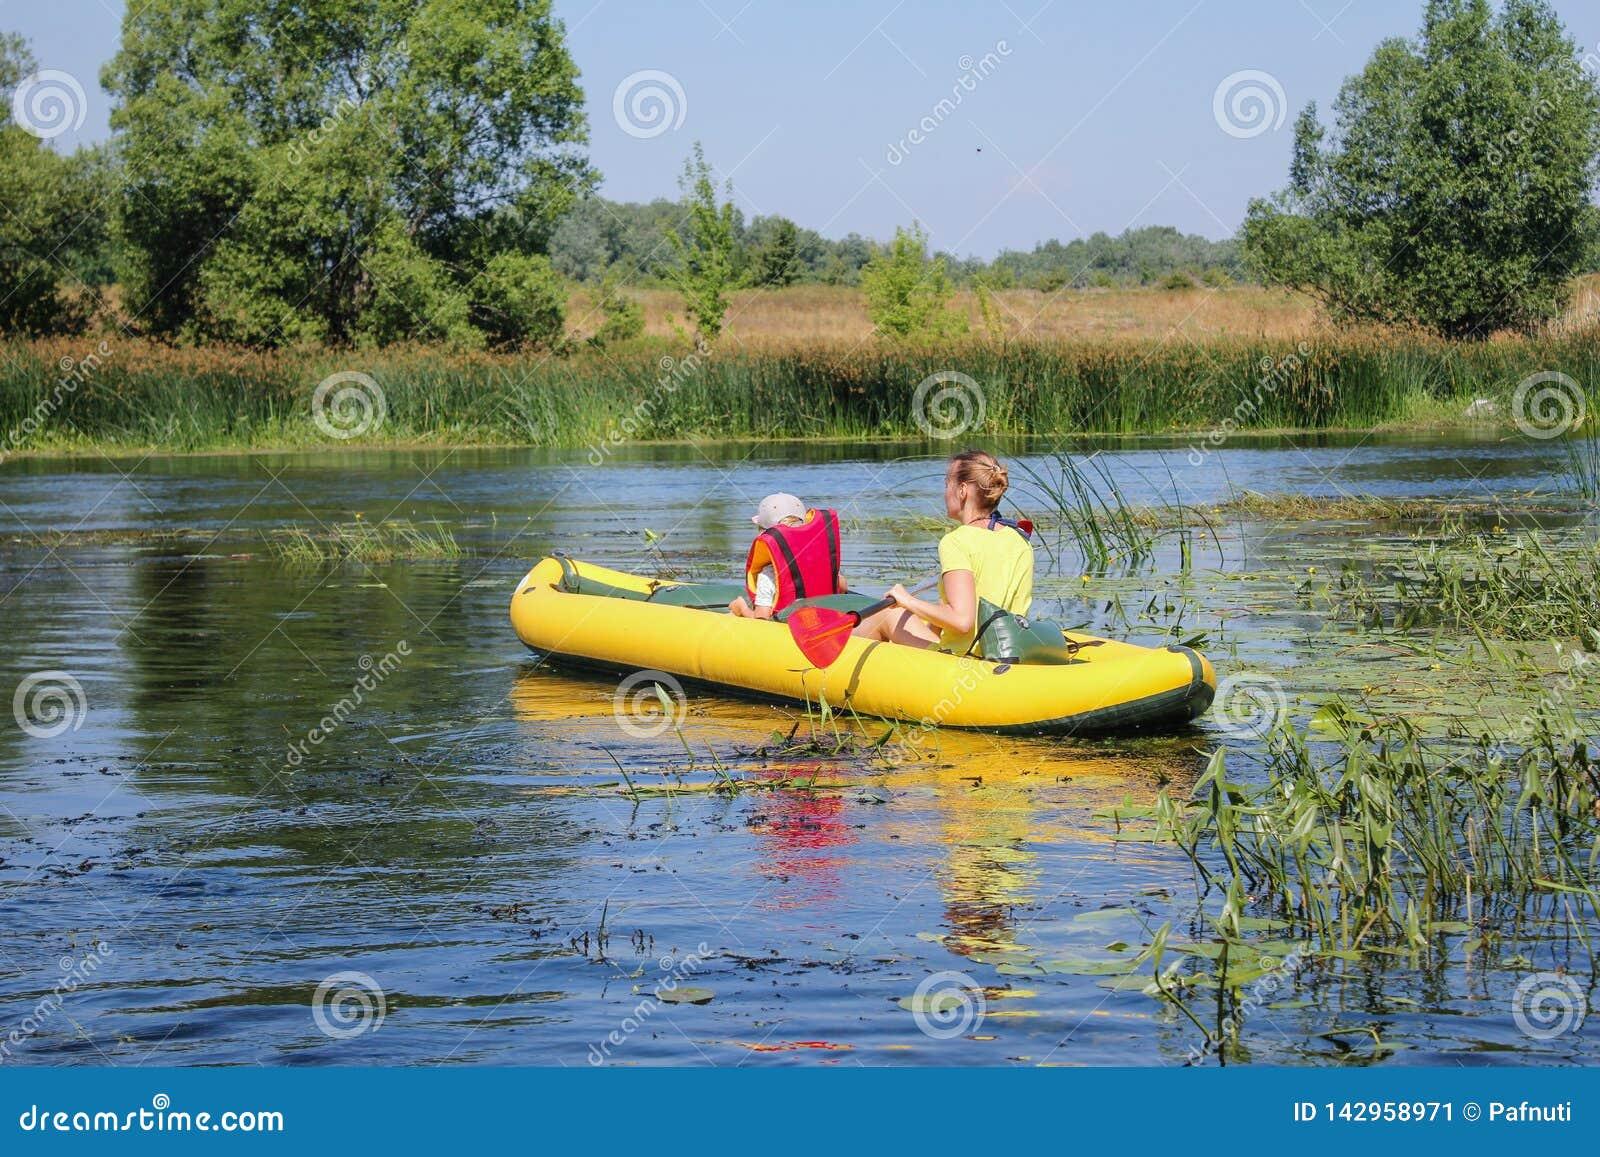 Familia kayaking en el río Niño pequeño con su mothe